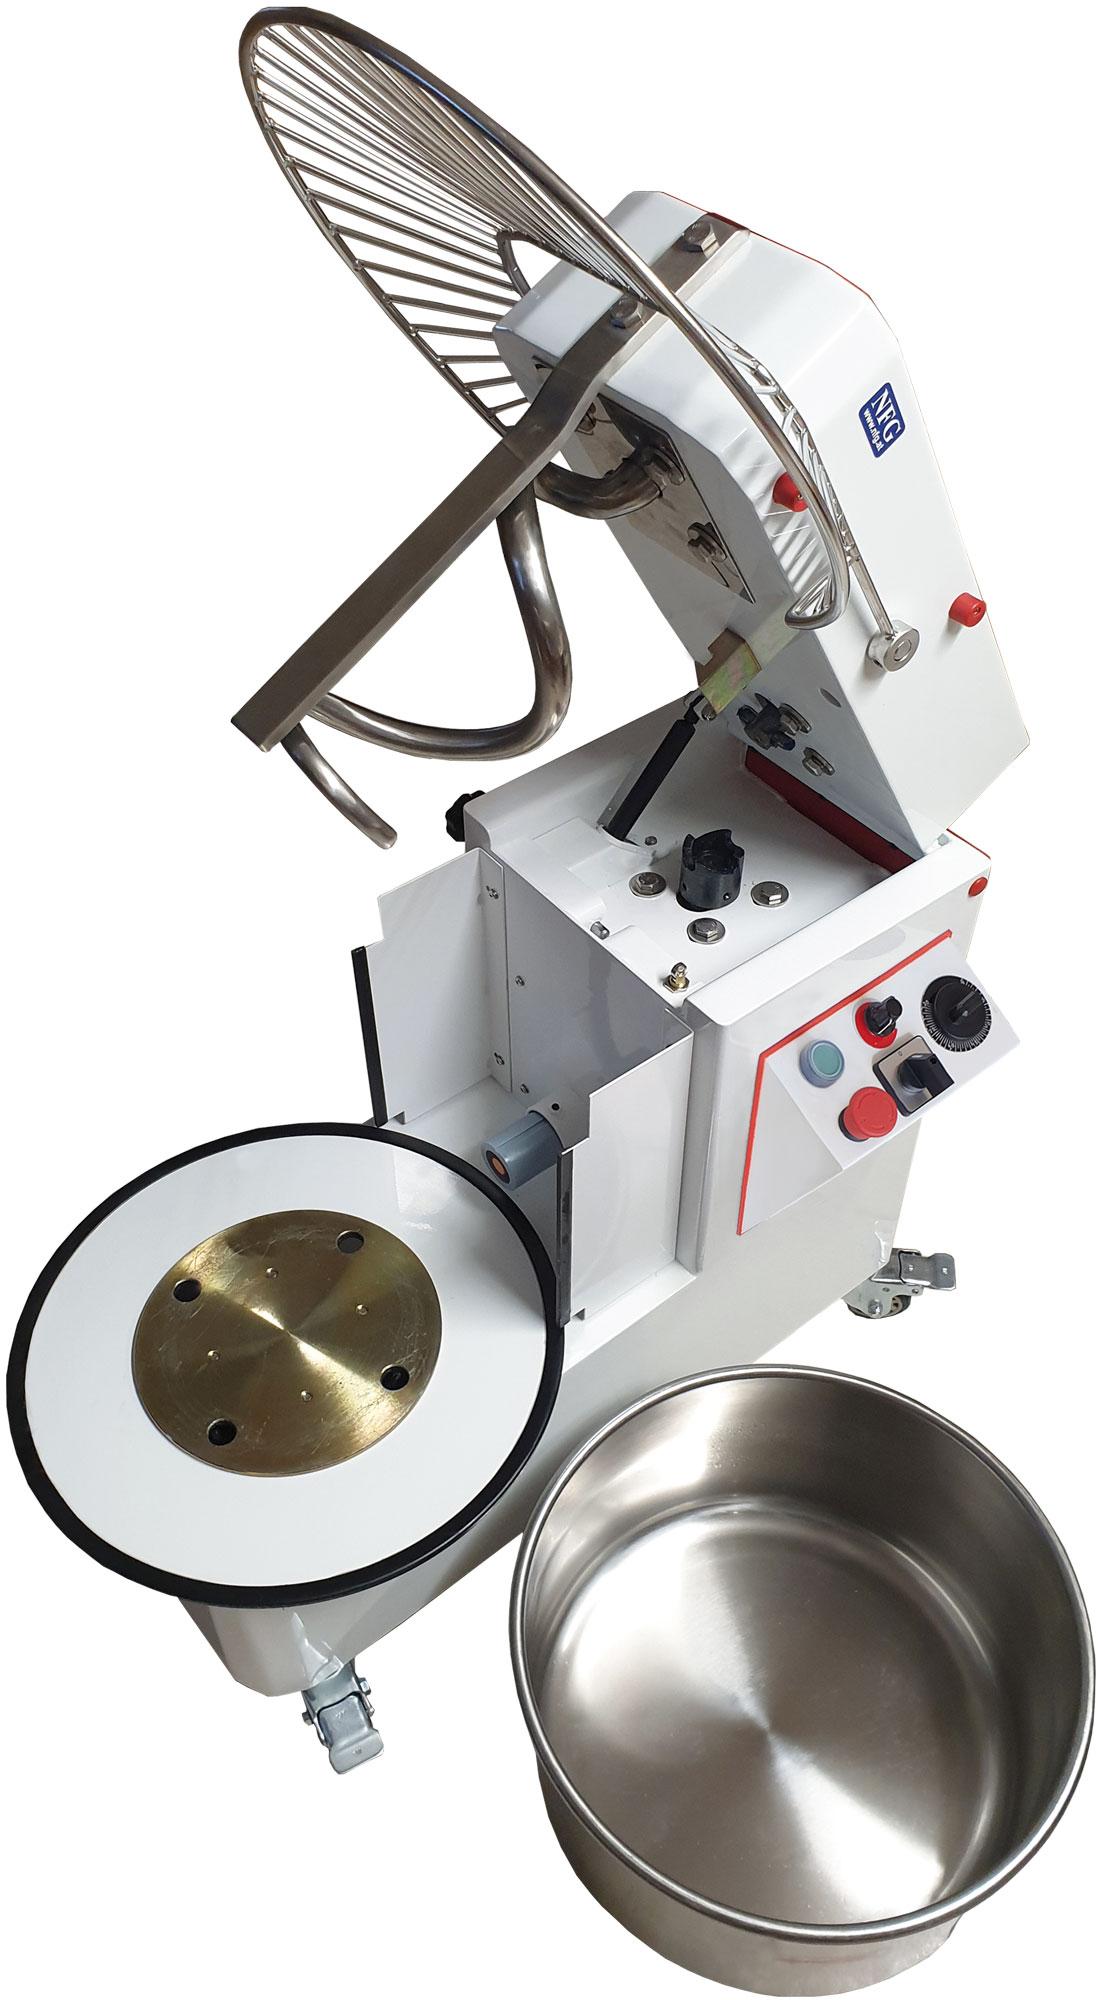 NFG Knetmaschine KM..K/VS mit stufenlos verstellbarer Geschwindigkeit Kopf aufklappbar und Teigschüssel Kessel abnehmbar